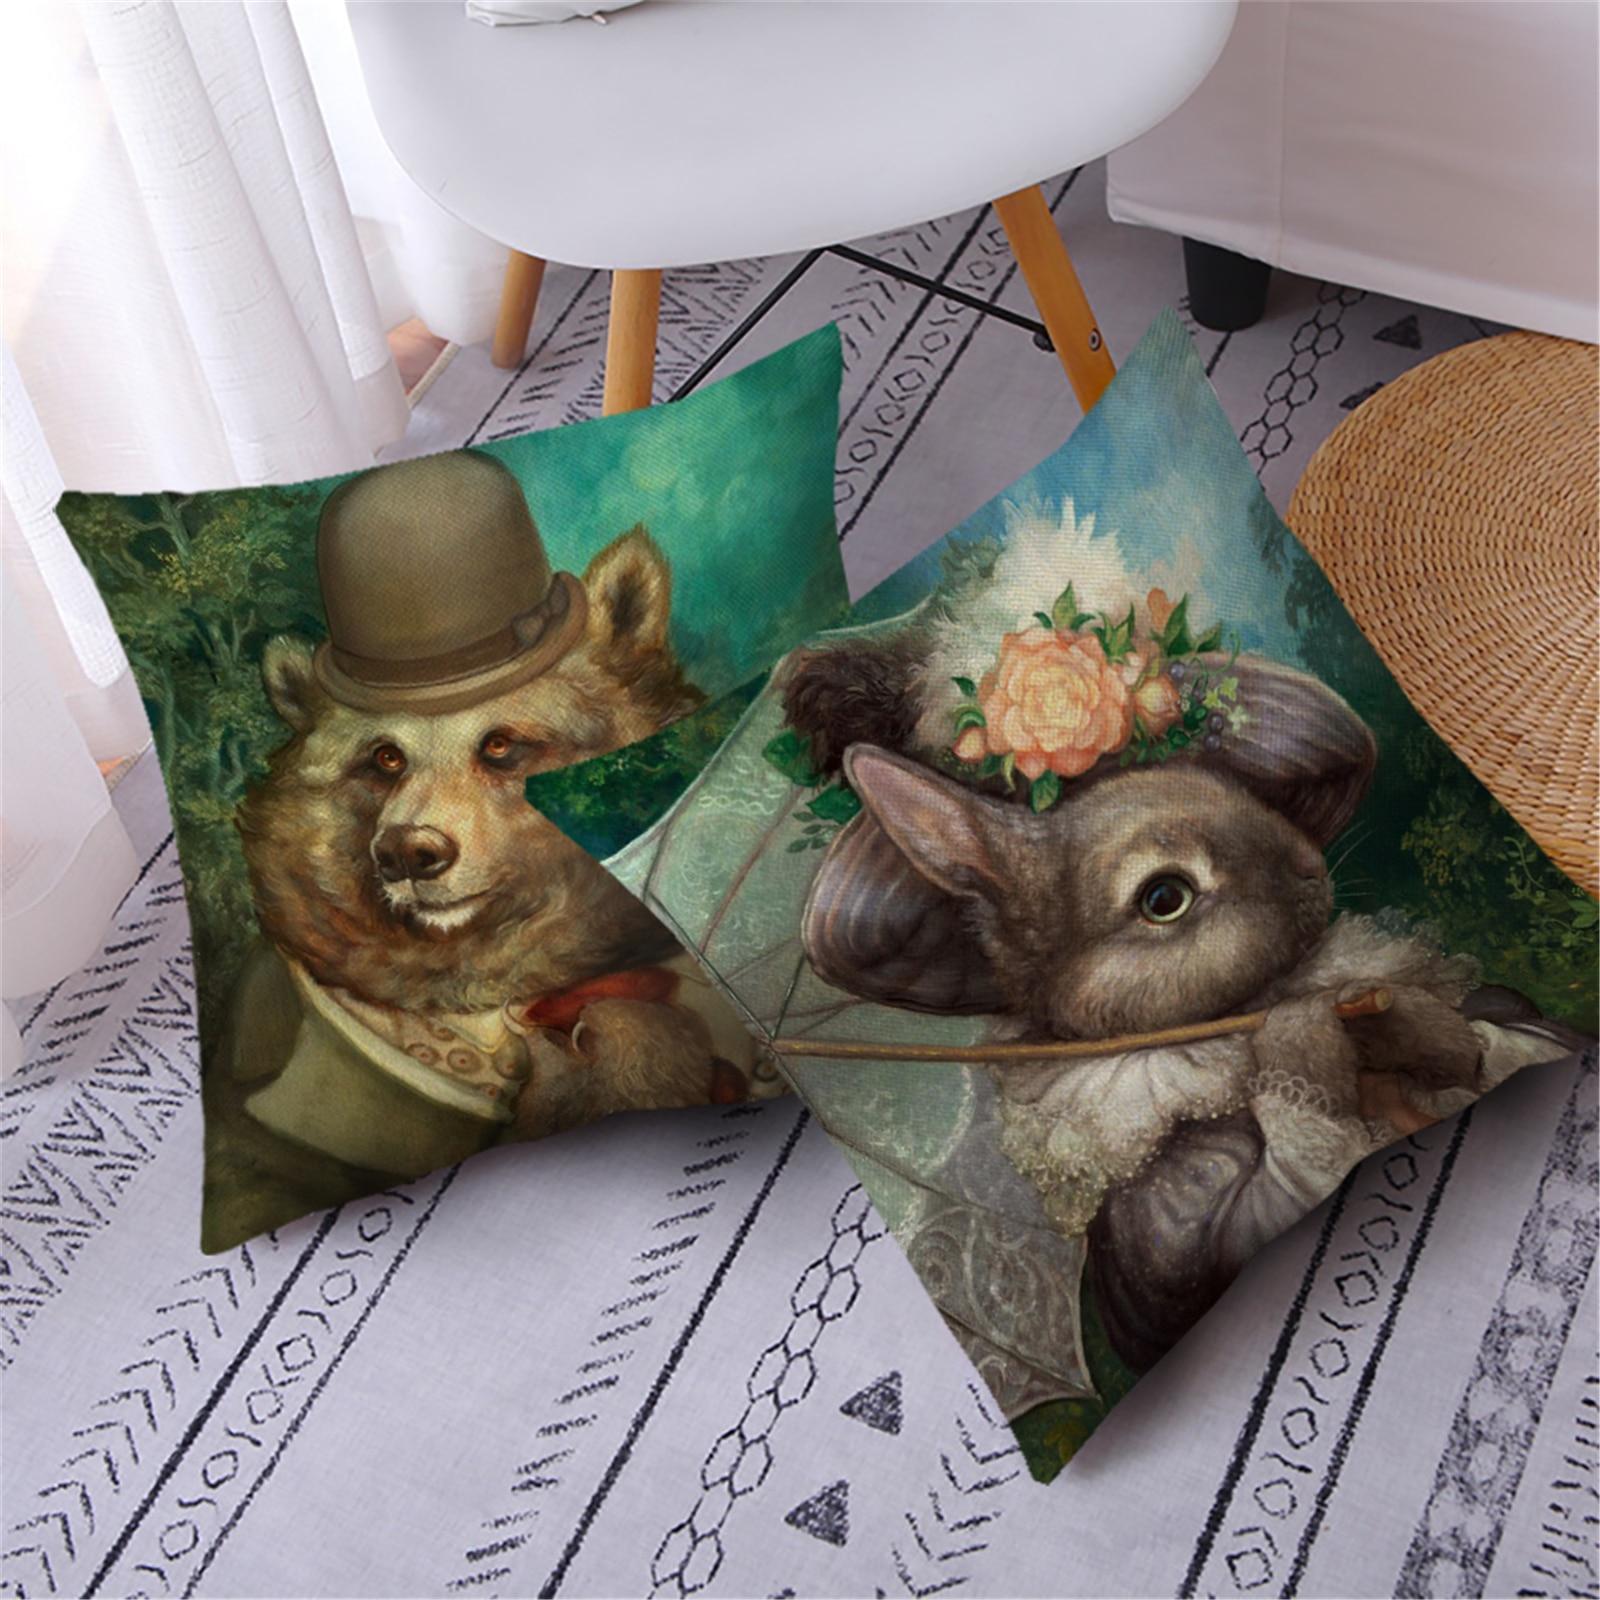 Fuwatacchi белье с лисьим и кроличьим фото наволочка на подушку «Жираф» Подушка с животным принтом Чехлы для украшения дома, дивана, декоративны...